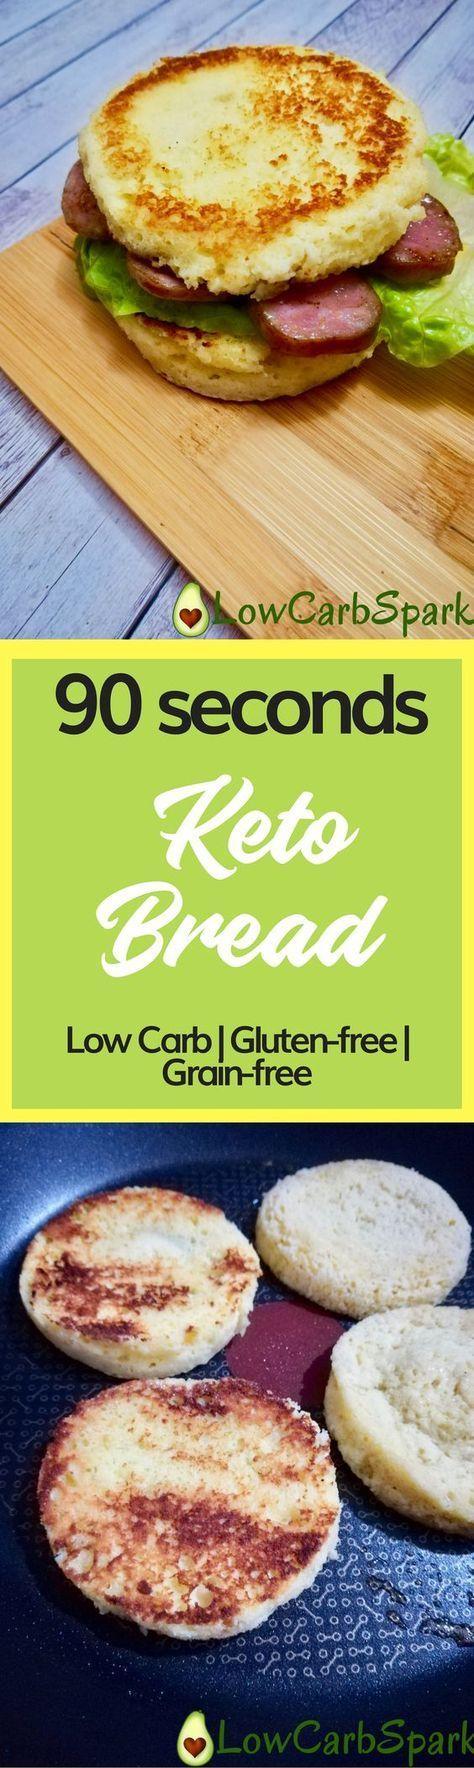 90 second Keto Bread Low Carb Bread in a Mug Recipe